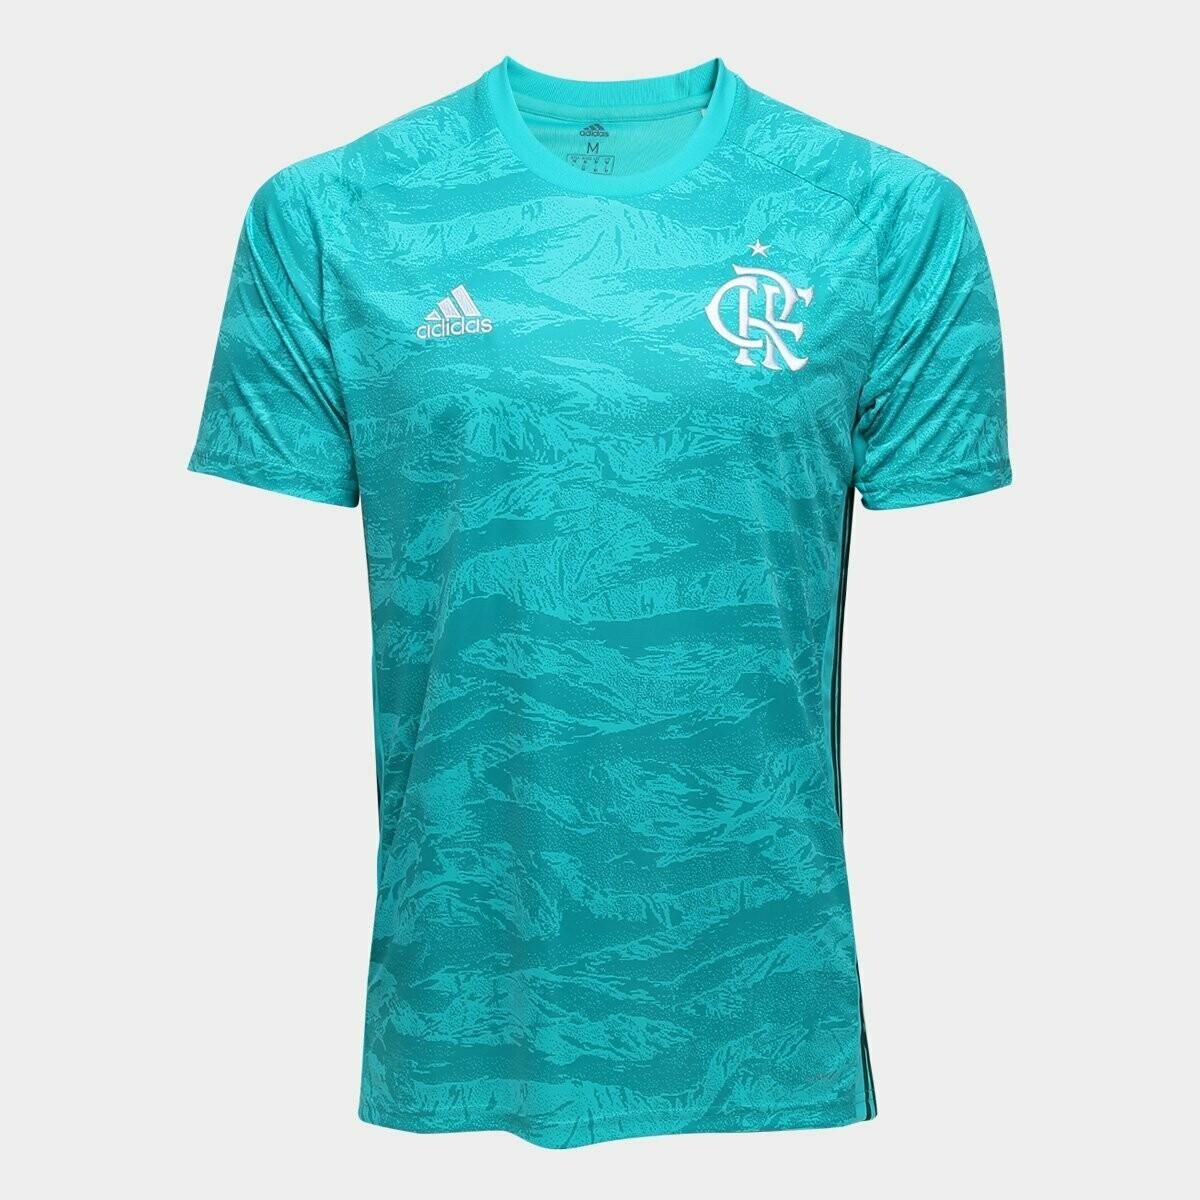 Camisa de Goleiro Flamengo I 19/20 Adidas Masculina - Verde água